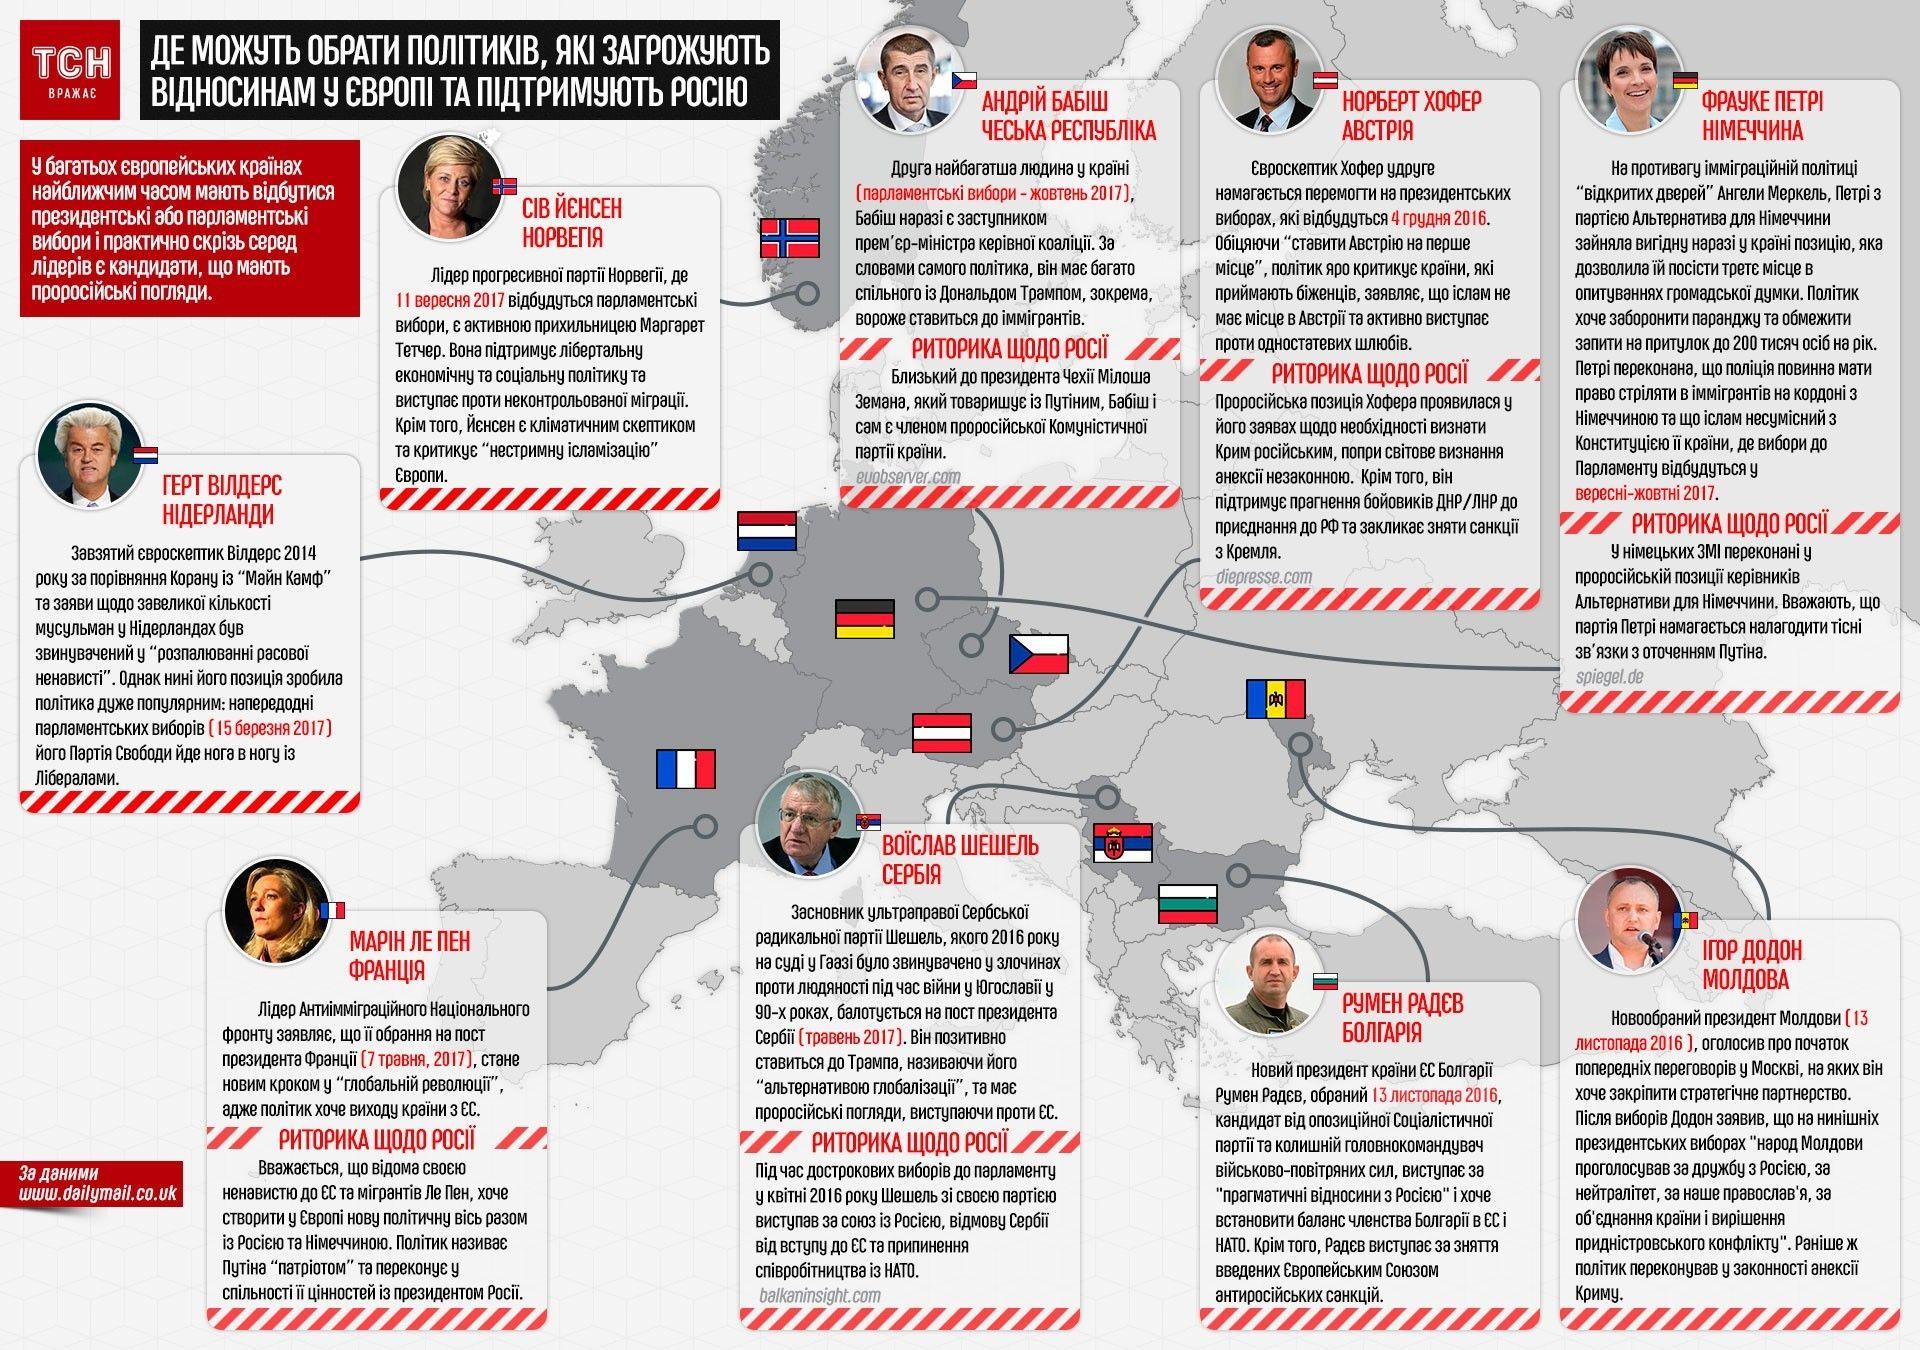 Де можуть обрати політиків, які загрожують стосункам у Європі та підтримують Росію, інфографіка